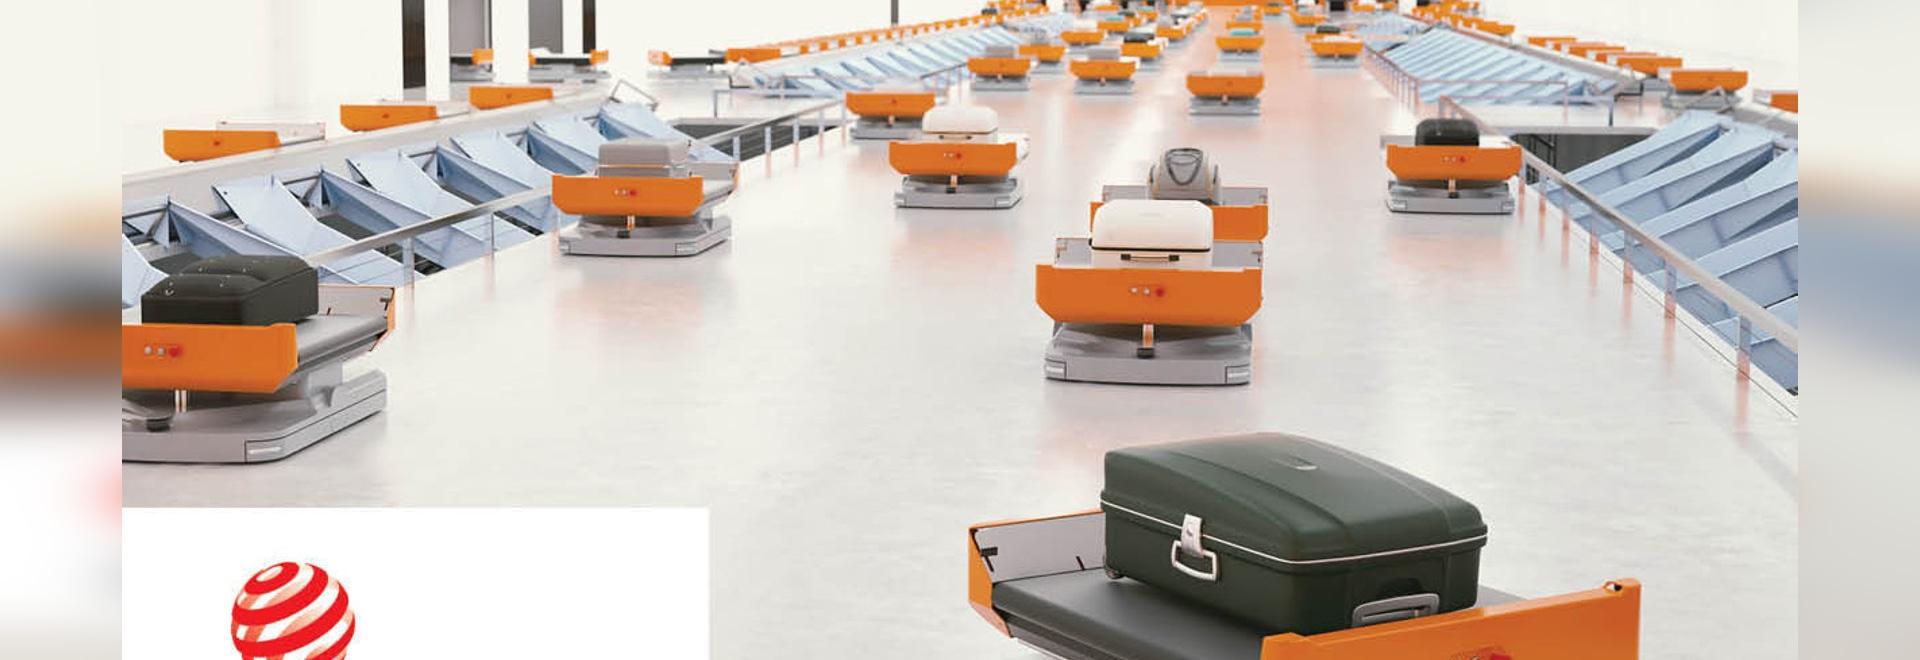 Vanderlande receives Red Dot design award for innovative baggage handling solution